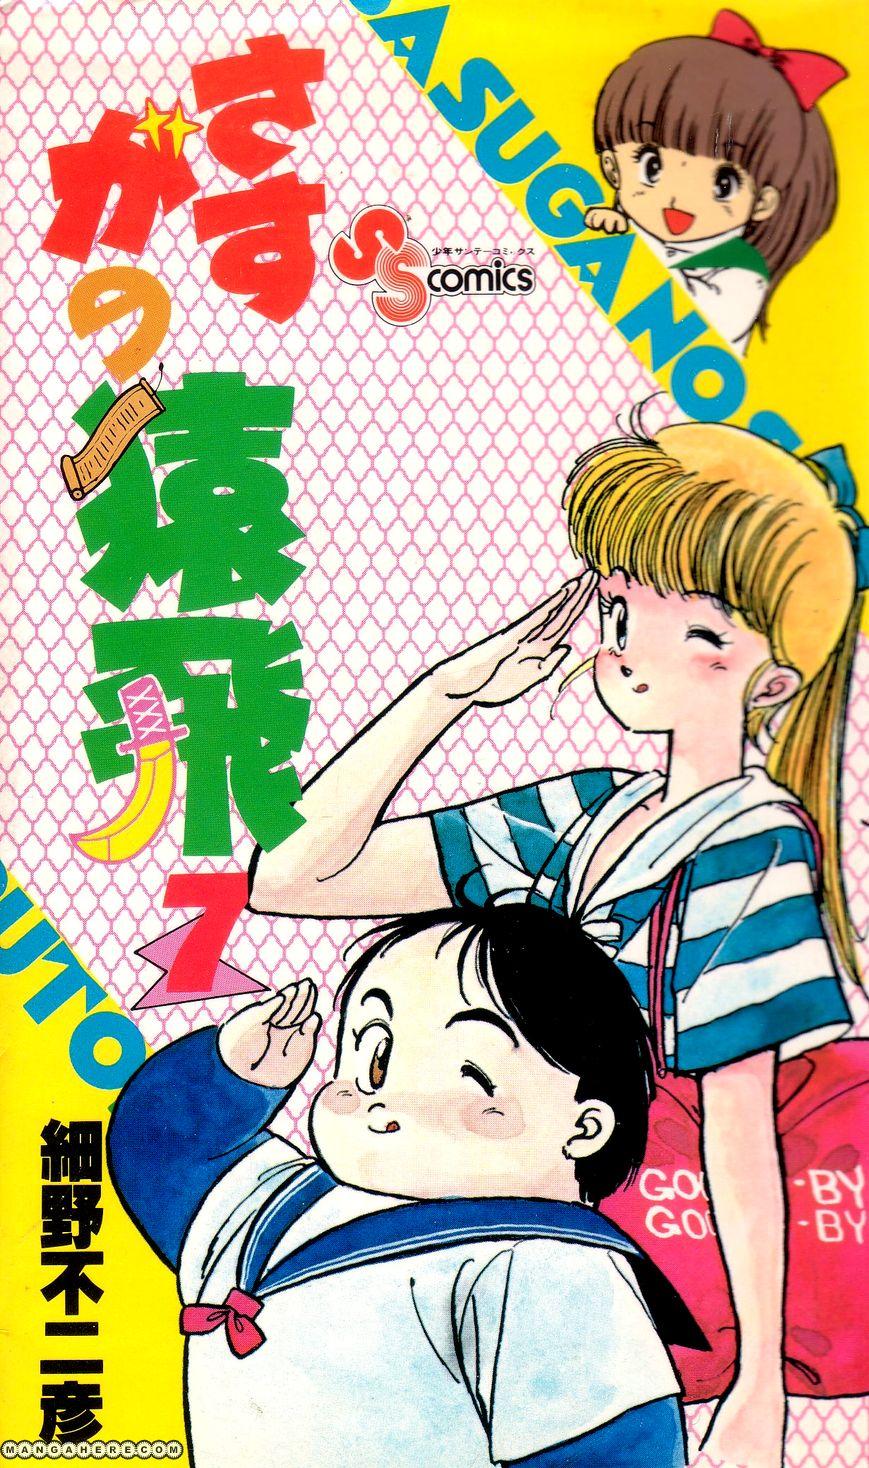 Sasuga No Sarutobi 40 Page 1